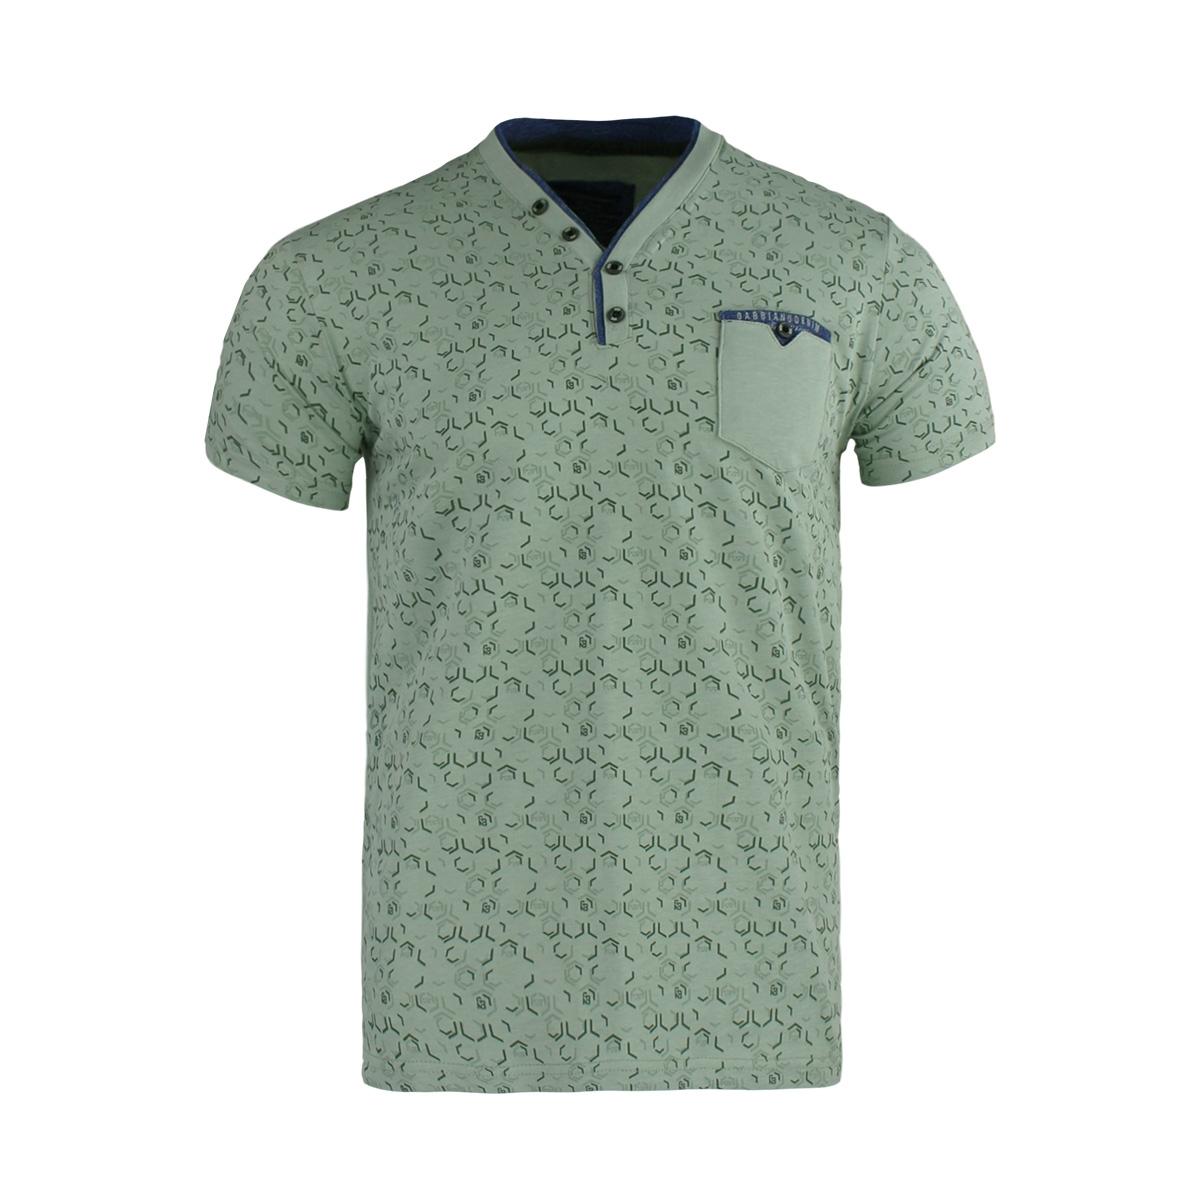 t shirt 15132 gabbiano t-shirt green